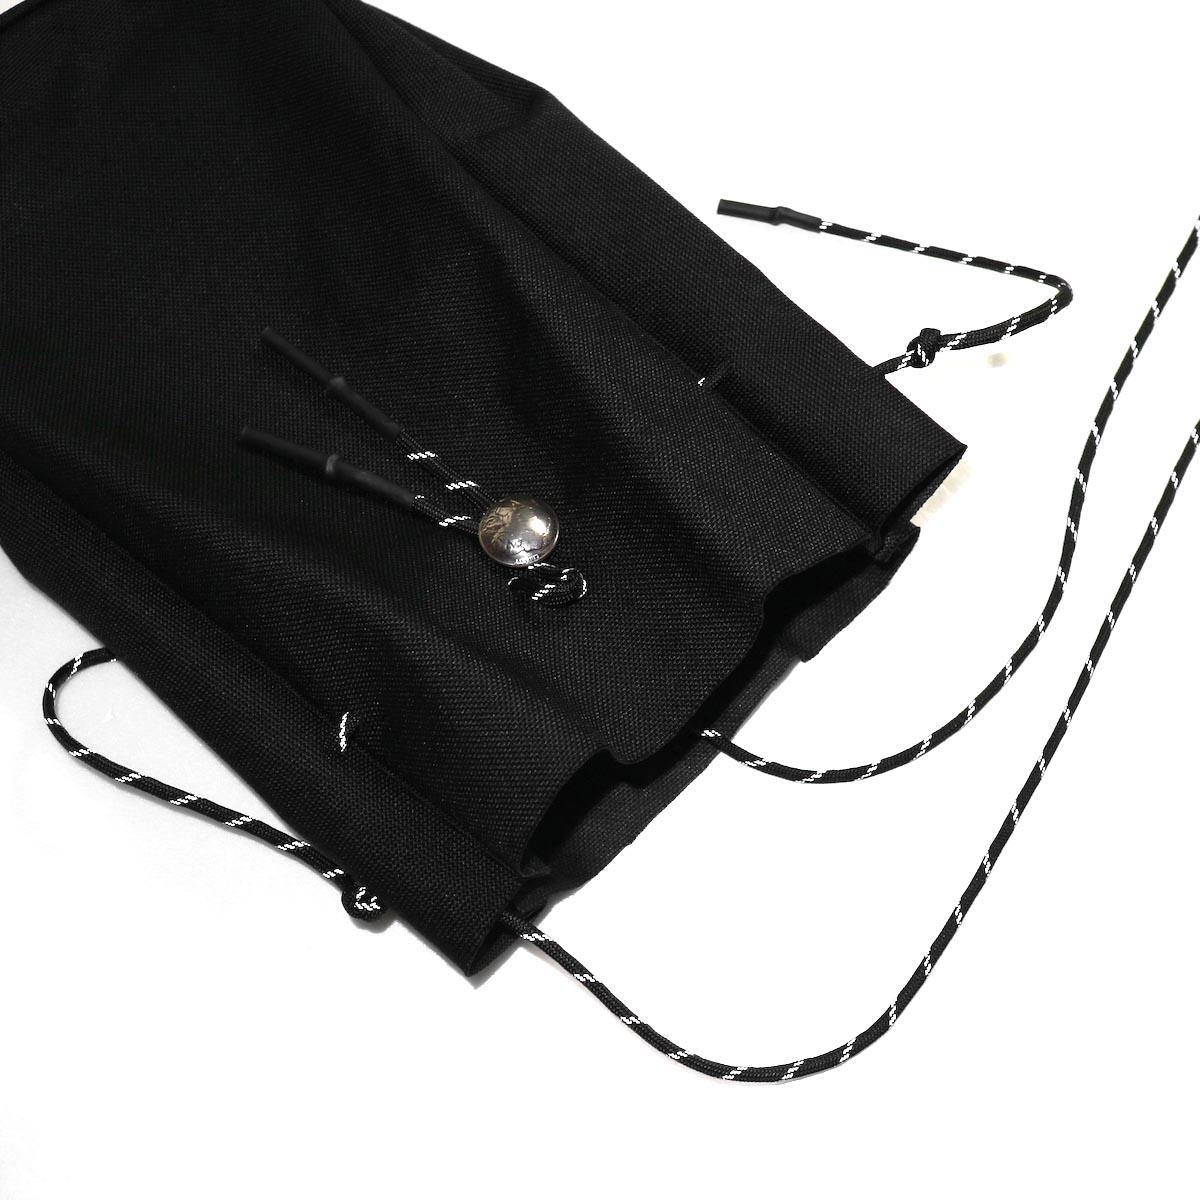 吉岡衣料店 / drawstring bag -L-. w/concho. black開口部